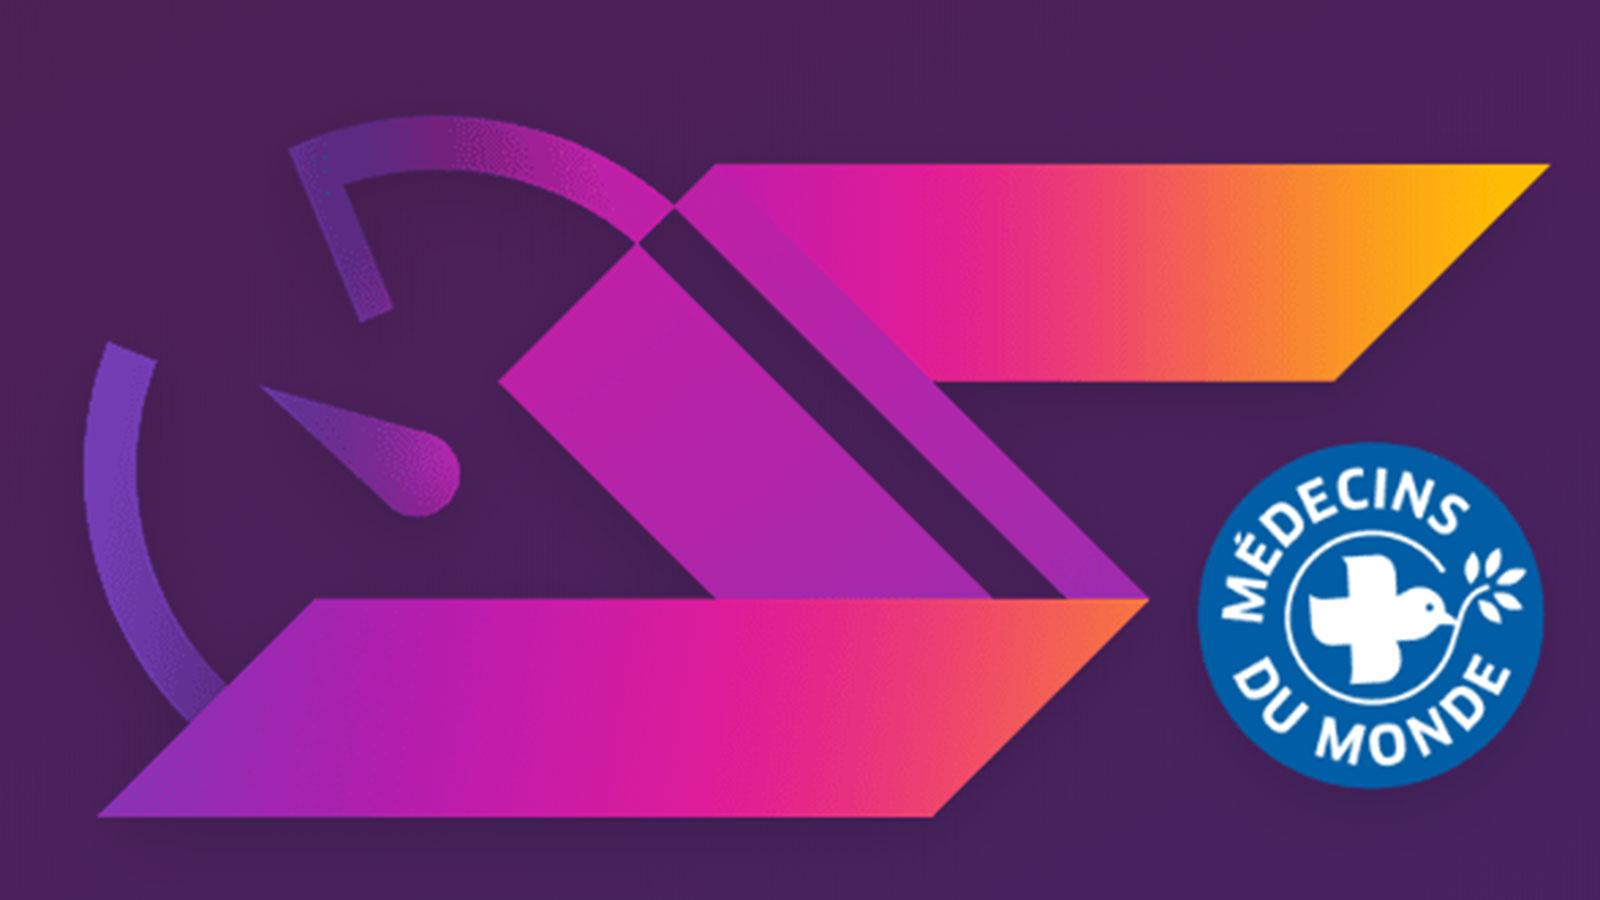 Logo SpeeDons